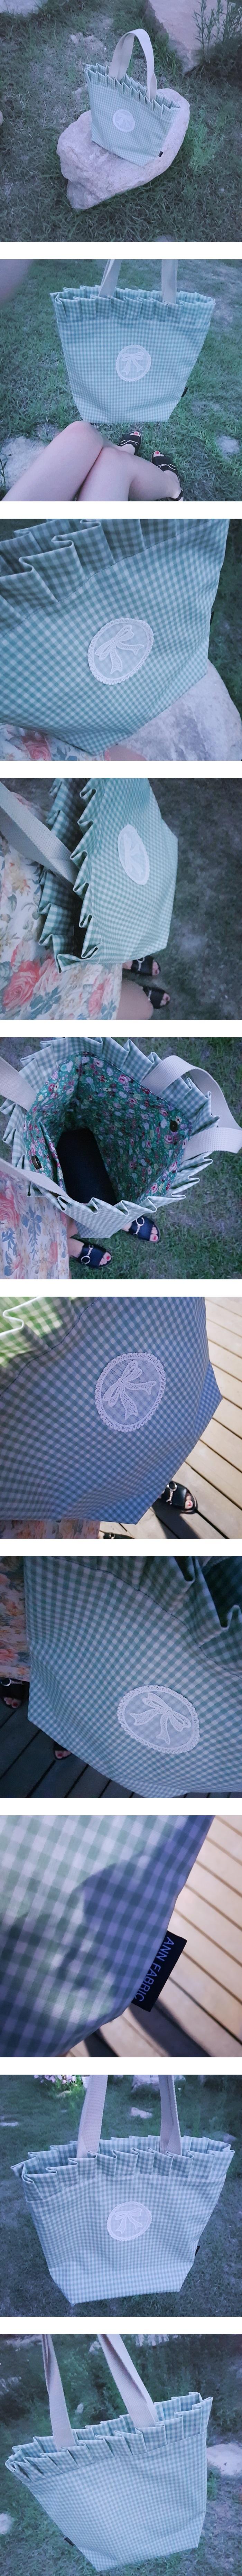 여성 여름 방수 비치 프릴 체크 숄더백 핸드메이드 - 바이앤, 45,000원, 숄더백, 패브릭숄더백